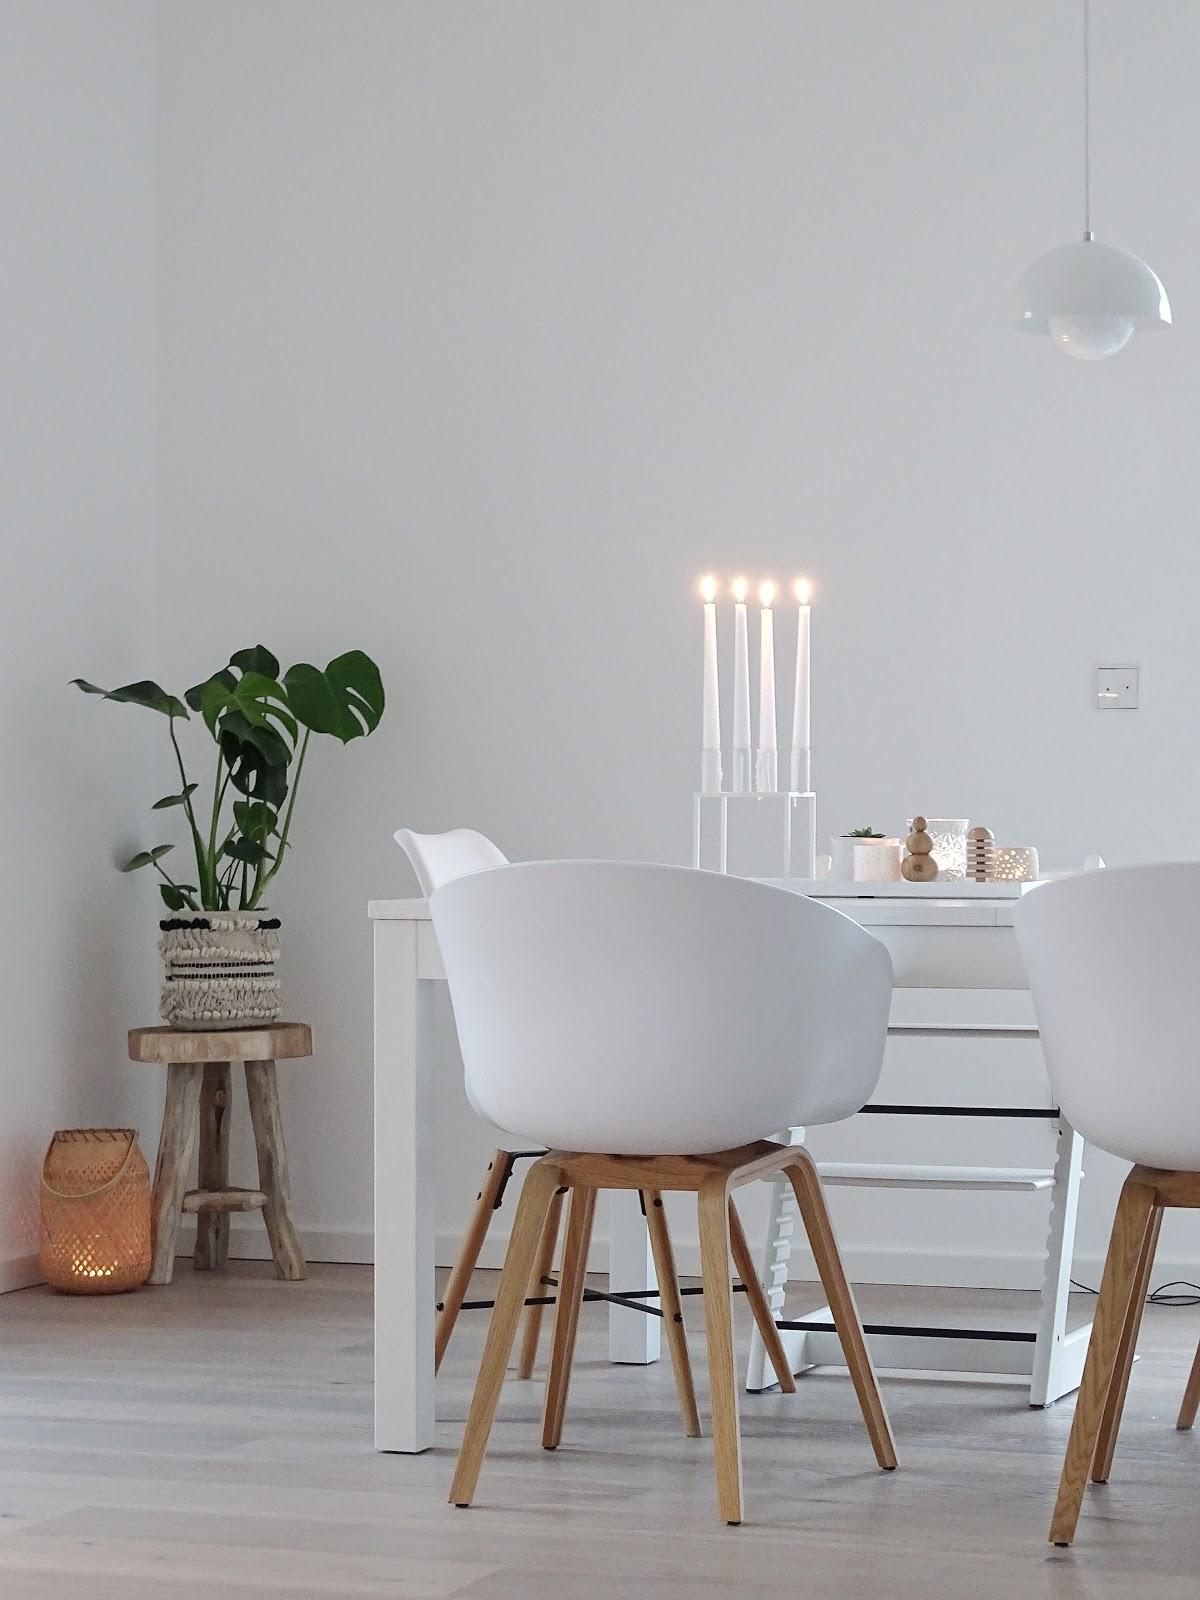 Esszimmer im skandinavischen Stil - 5 Fragen und Antworten am Fünften - #randomfactsaboutme - https://mammilade.blogspot.de